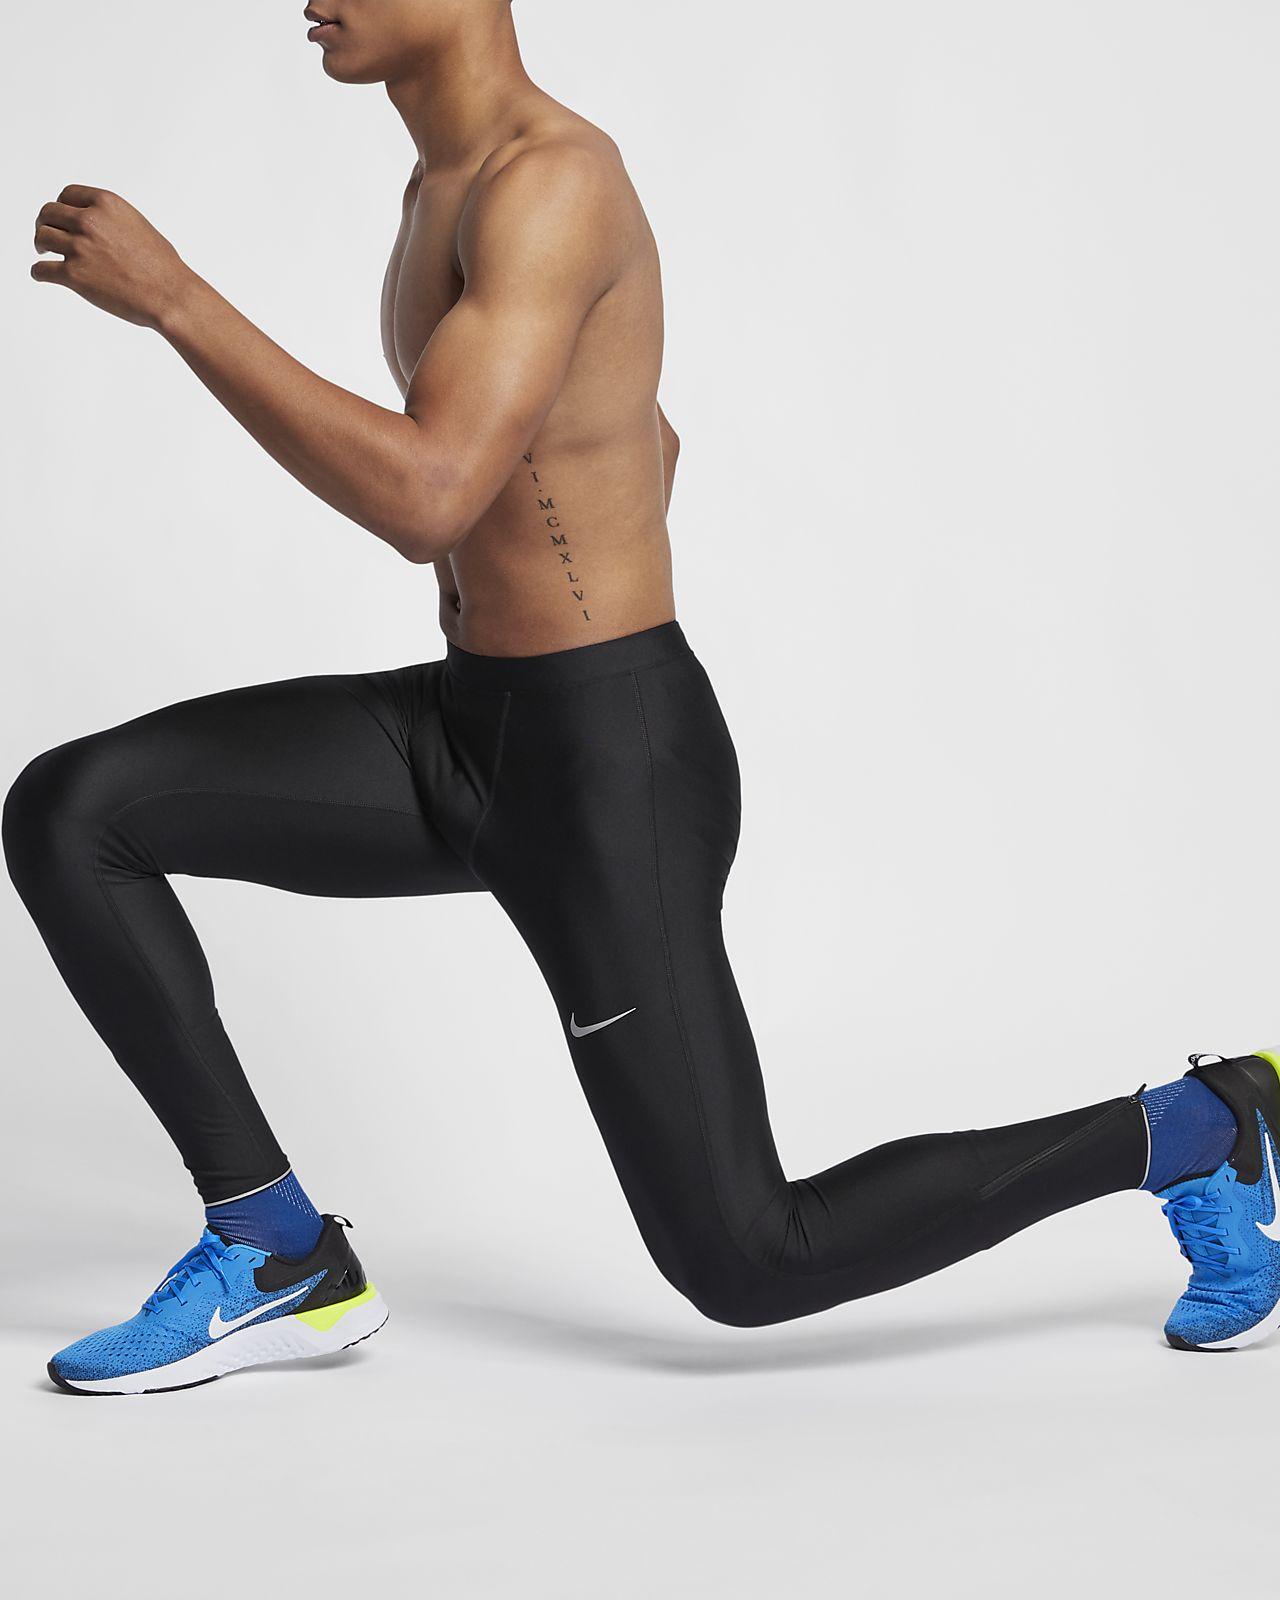 Löpartights Nike för män